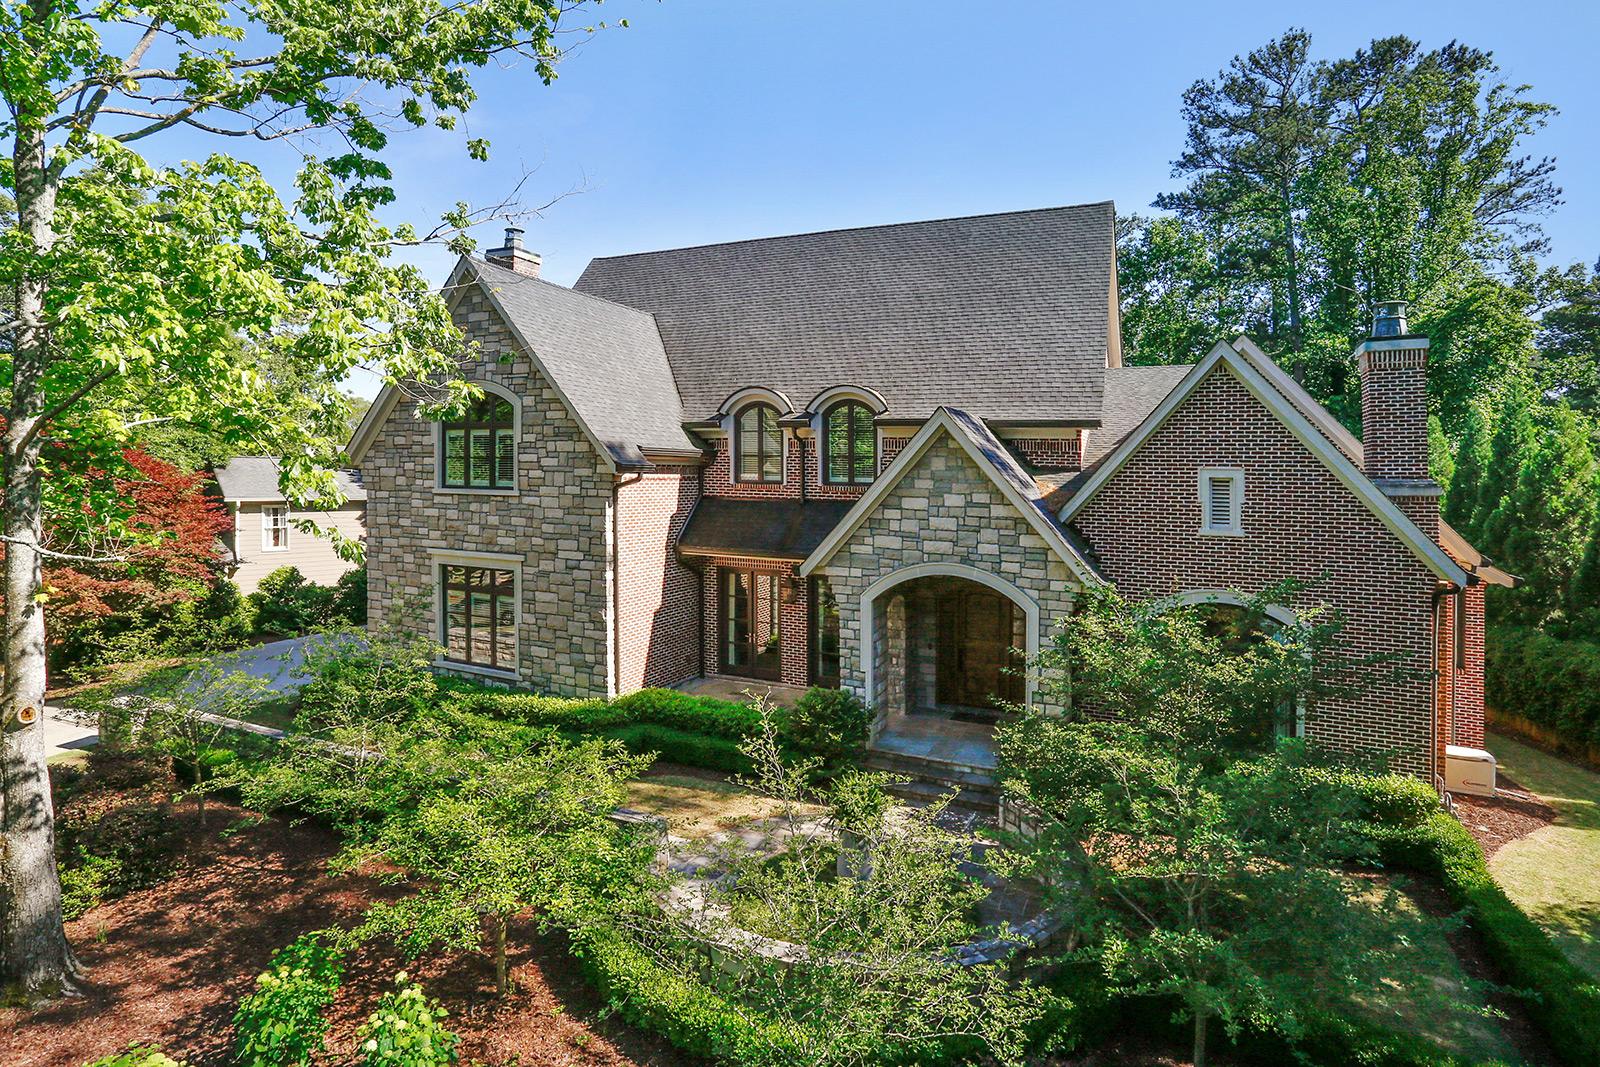 Maison unifamiliale pour l Vente à Exceptional Chastain Park Custom Home 4760 Merlendale Drive NW Chastain Park, Atlanta, Georgia 30327 États-Unis